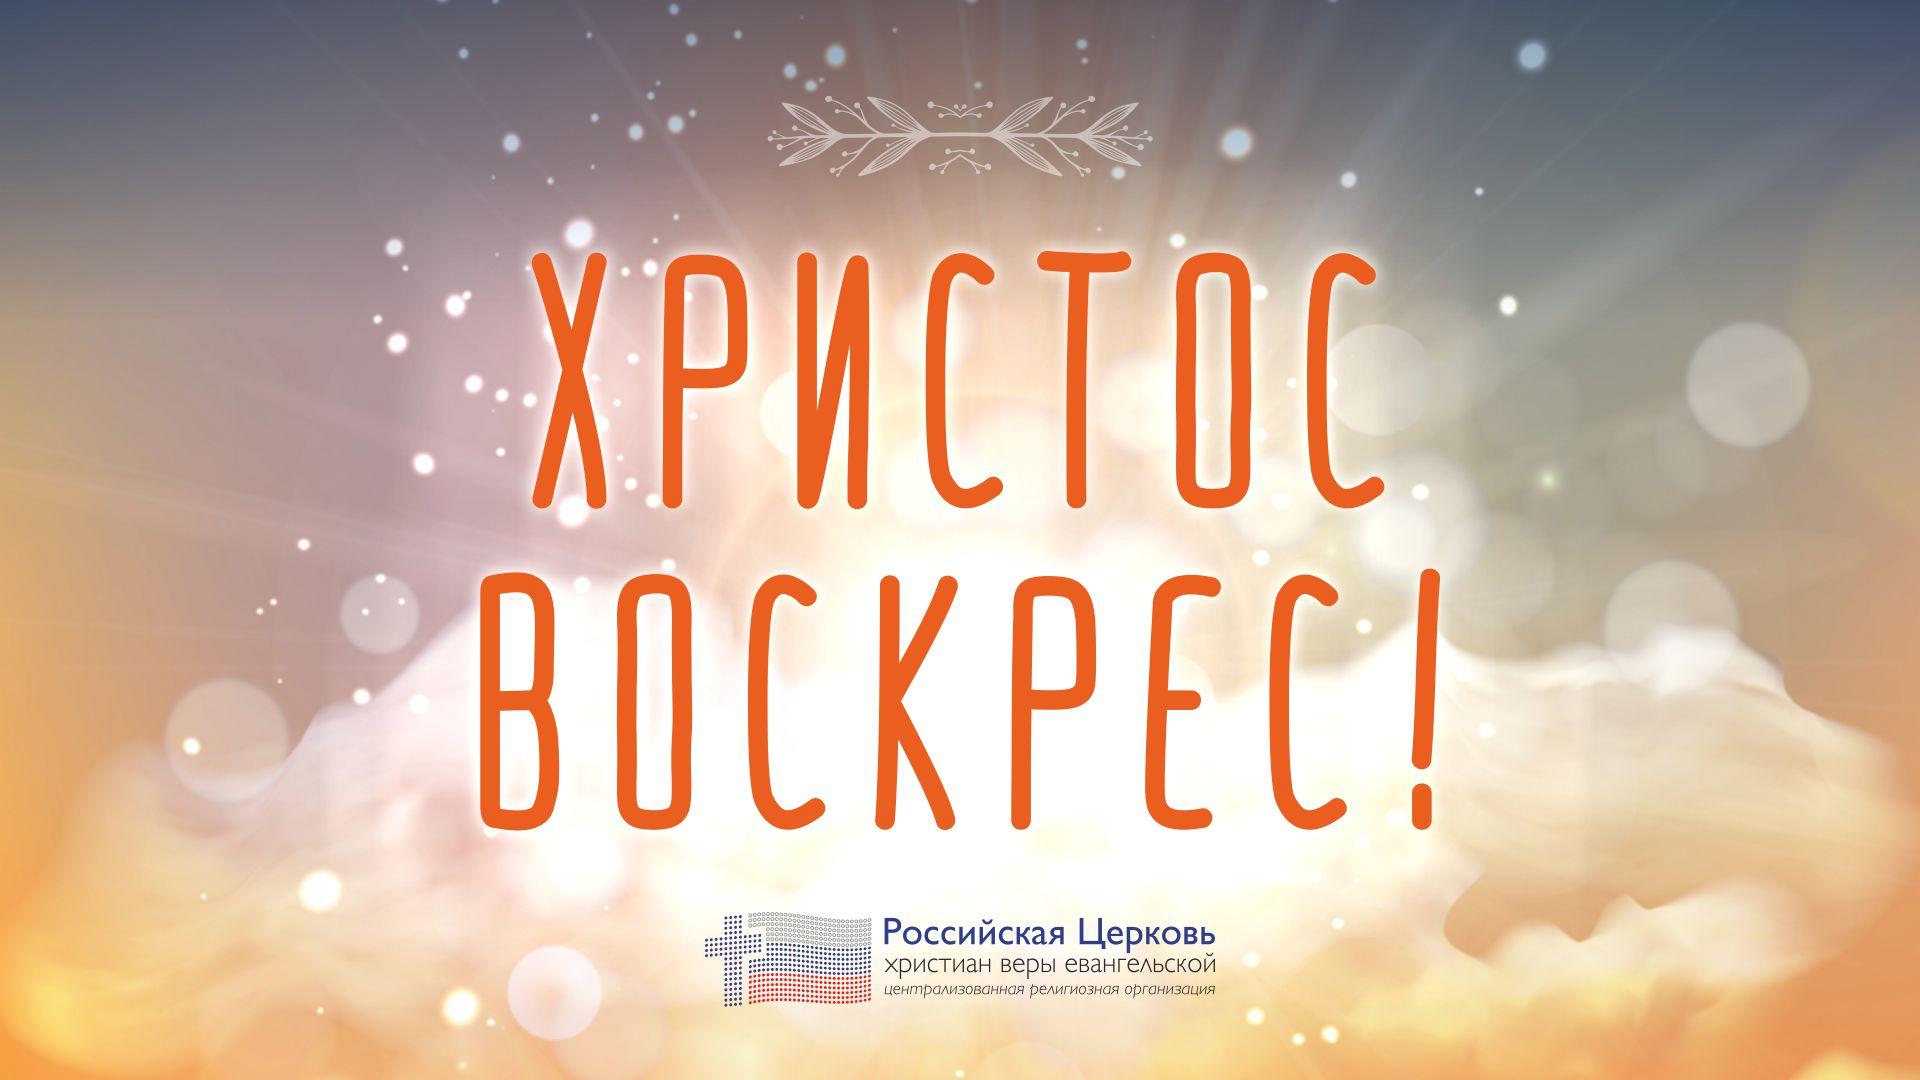 Начальствующий епископ Э. А. Грабовенко поздравил с праздником Христова воскресения